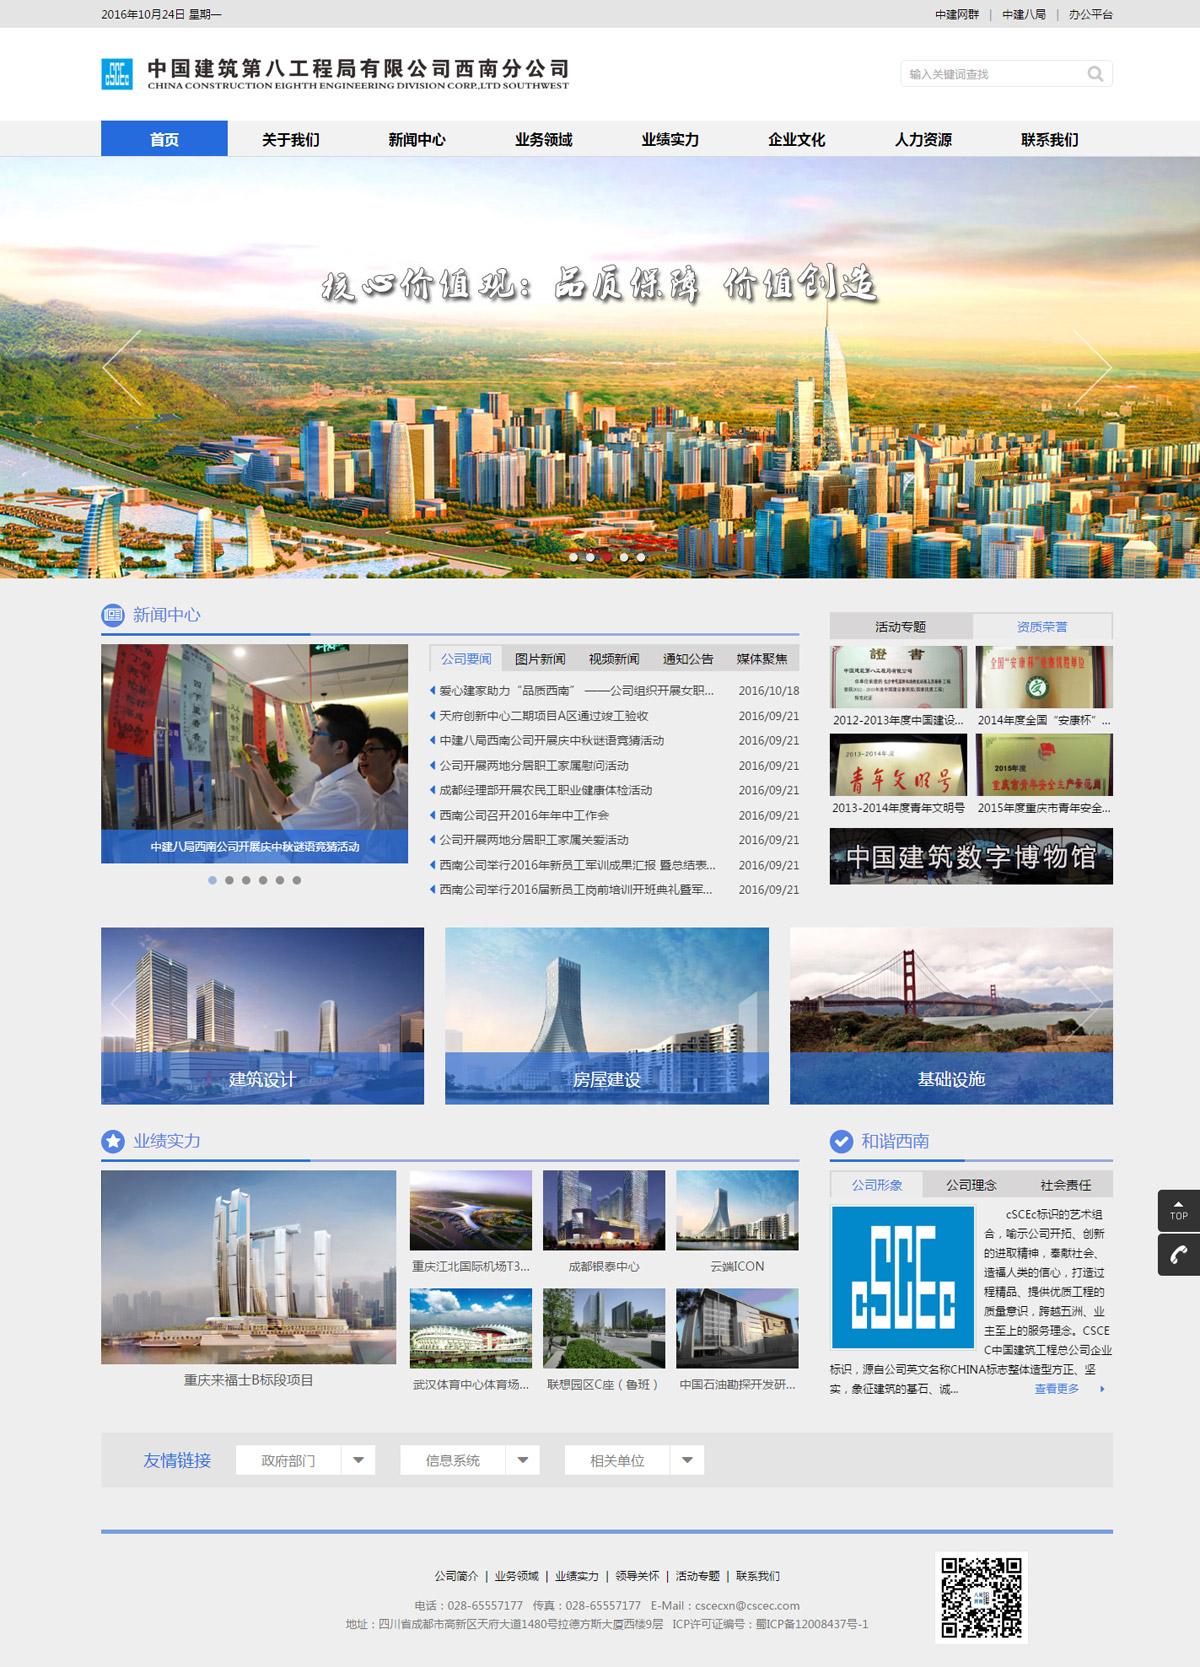 中建八局官网设计_成都网站设计公司_成都网站建设公司